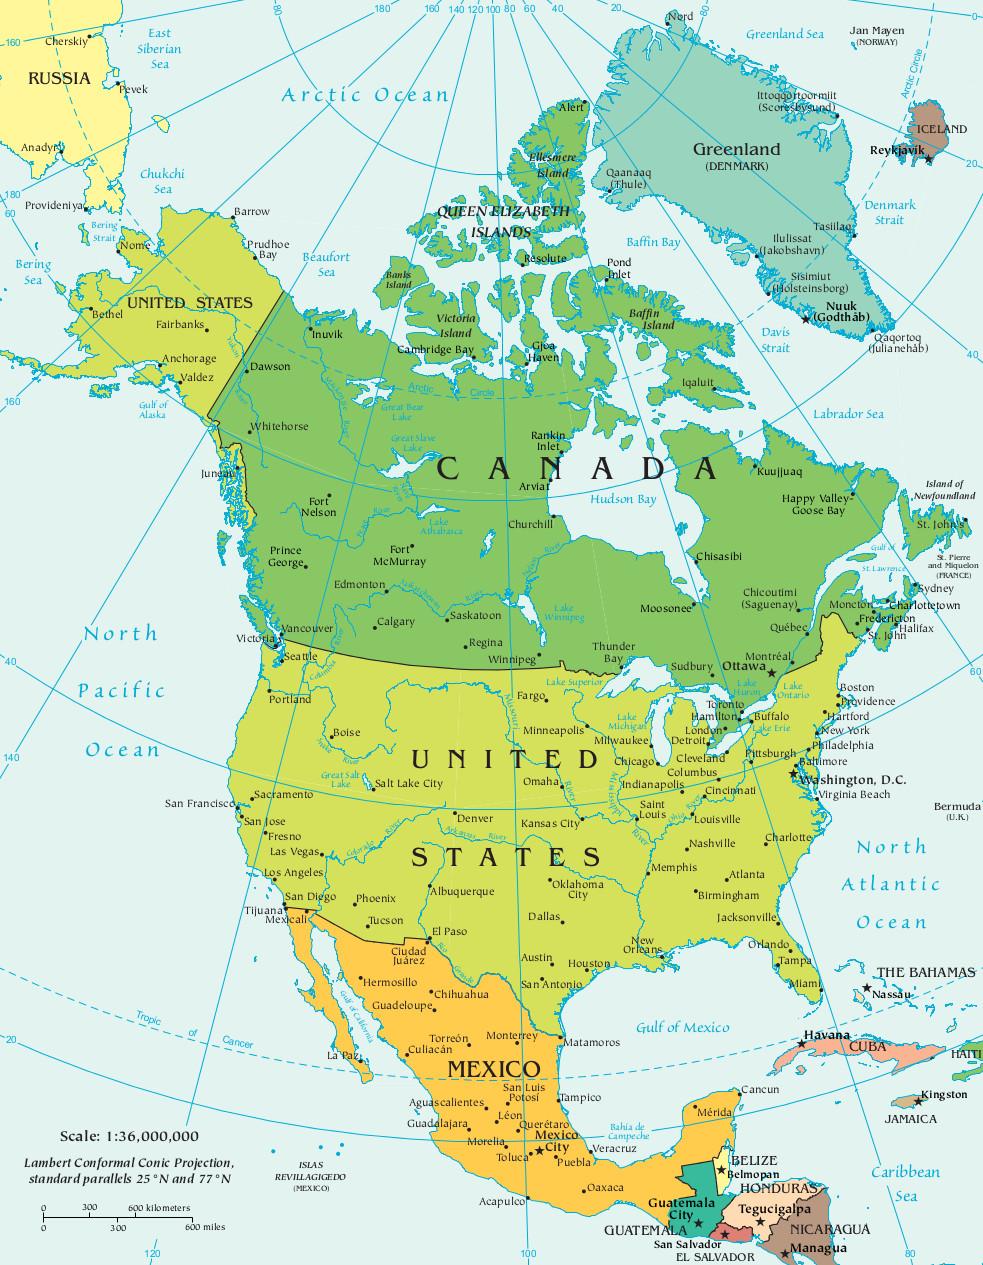 Rio Colorado Mapa Fisico.America Do Norte Geografia Mapas E Paises Infoescola